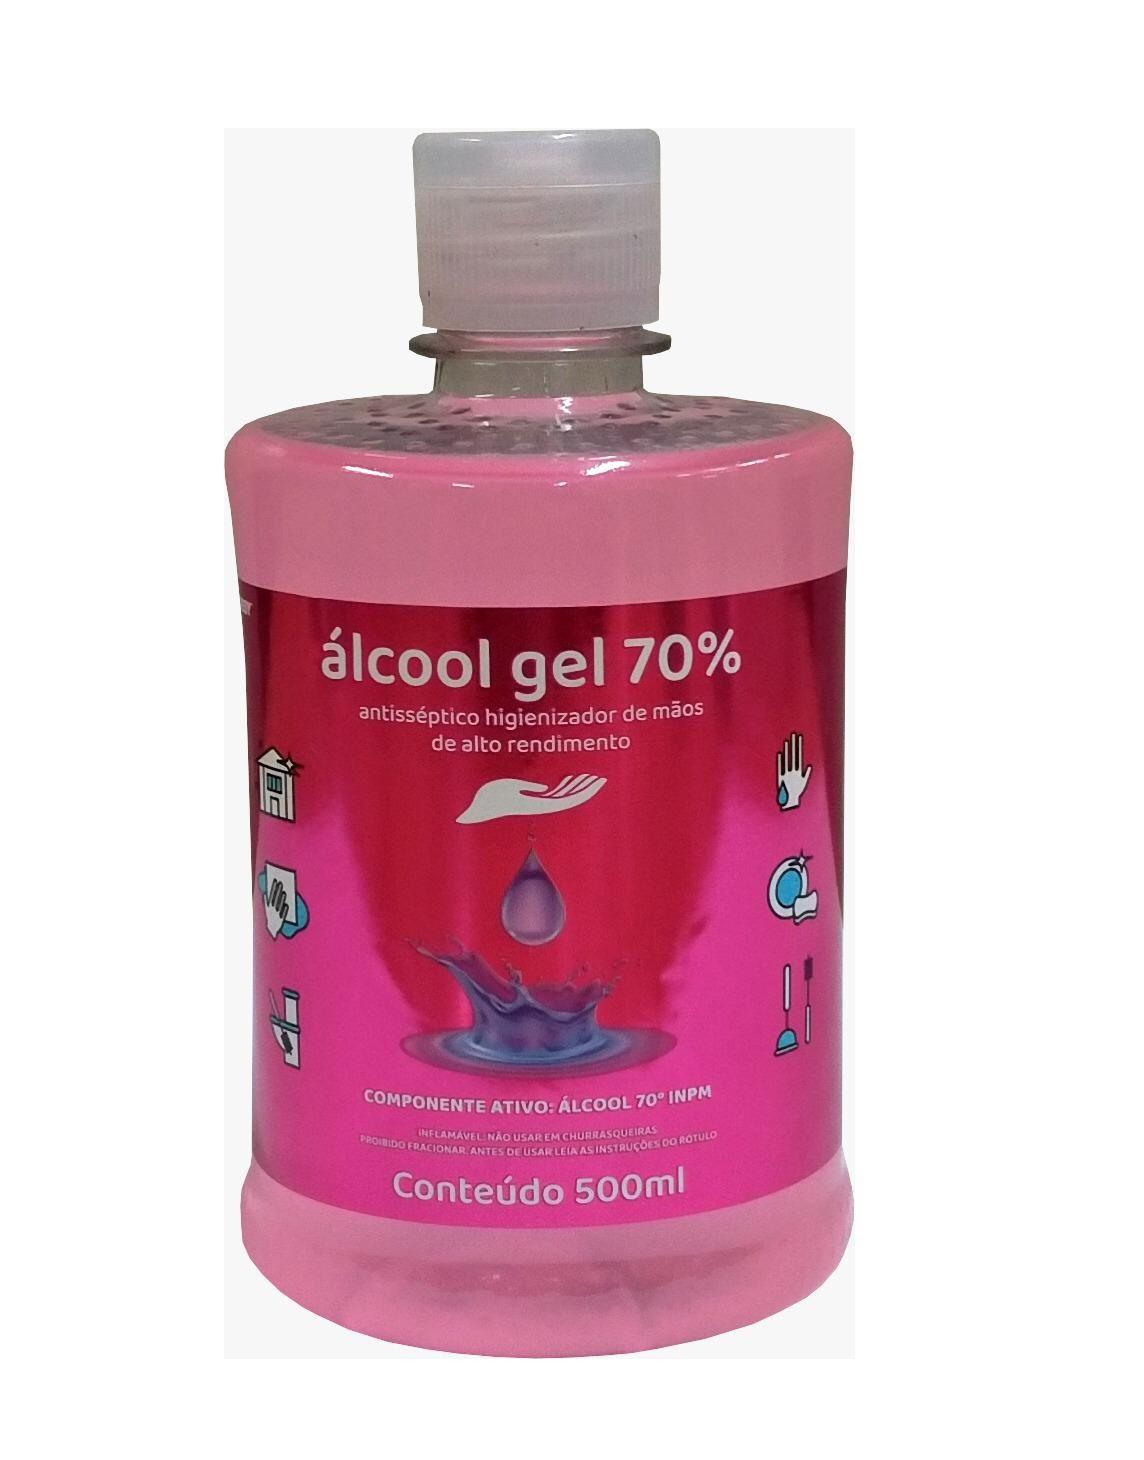 Álcool Gel 70% Antisséptico Higienizador de Mãos alto rendimento Chesy 500ml  - Mix Eletro